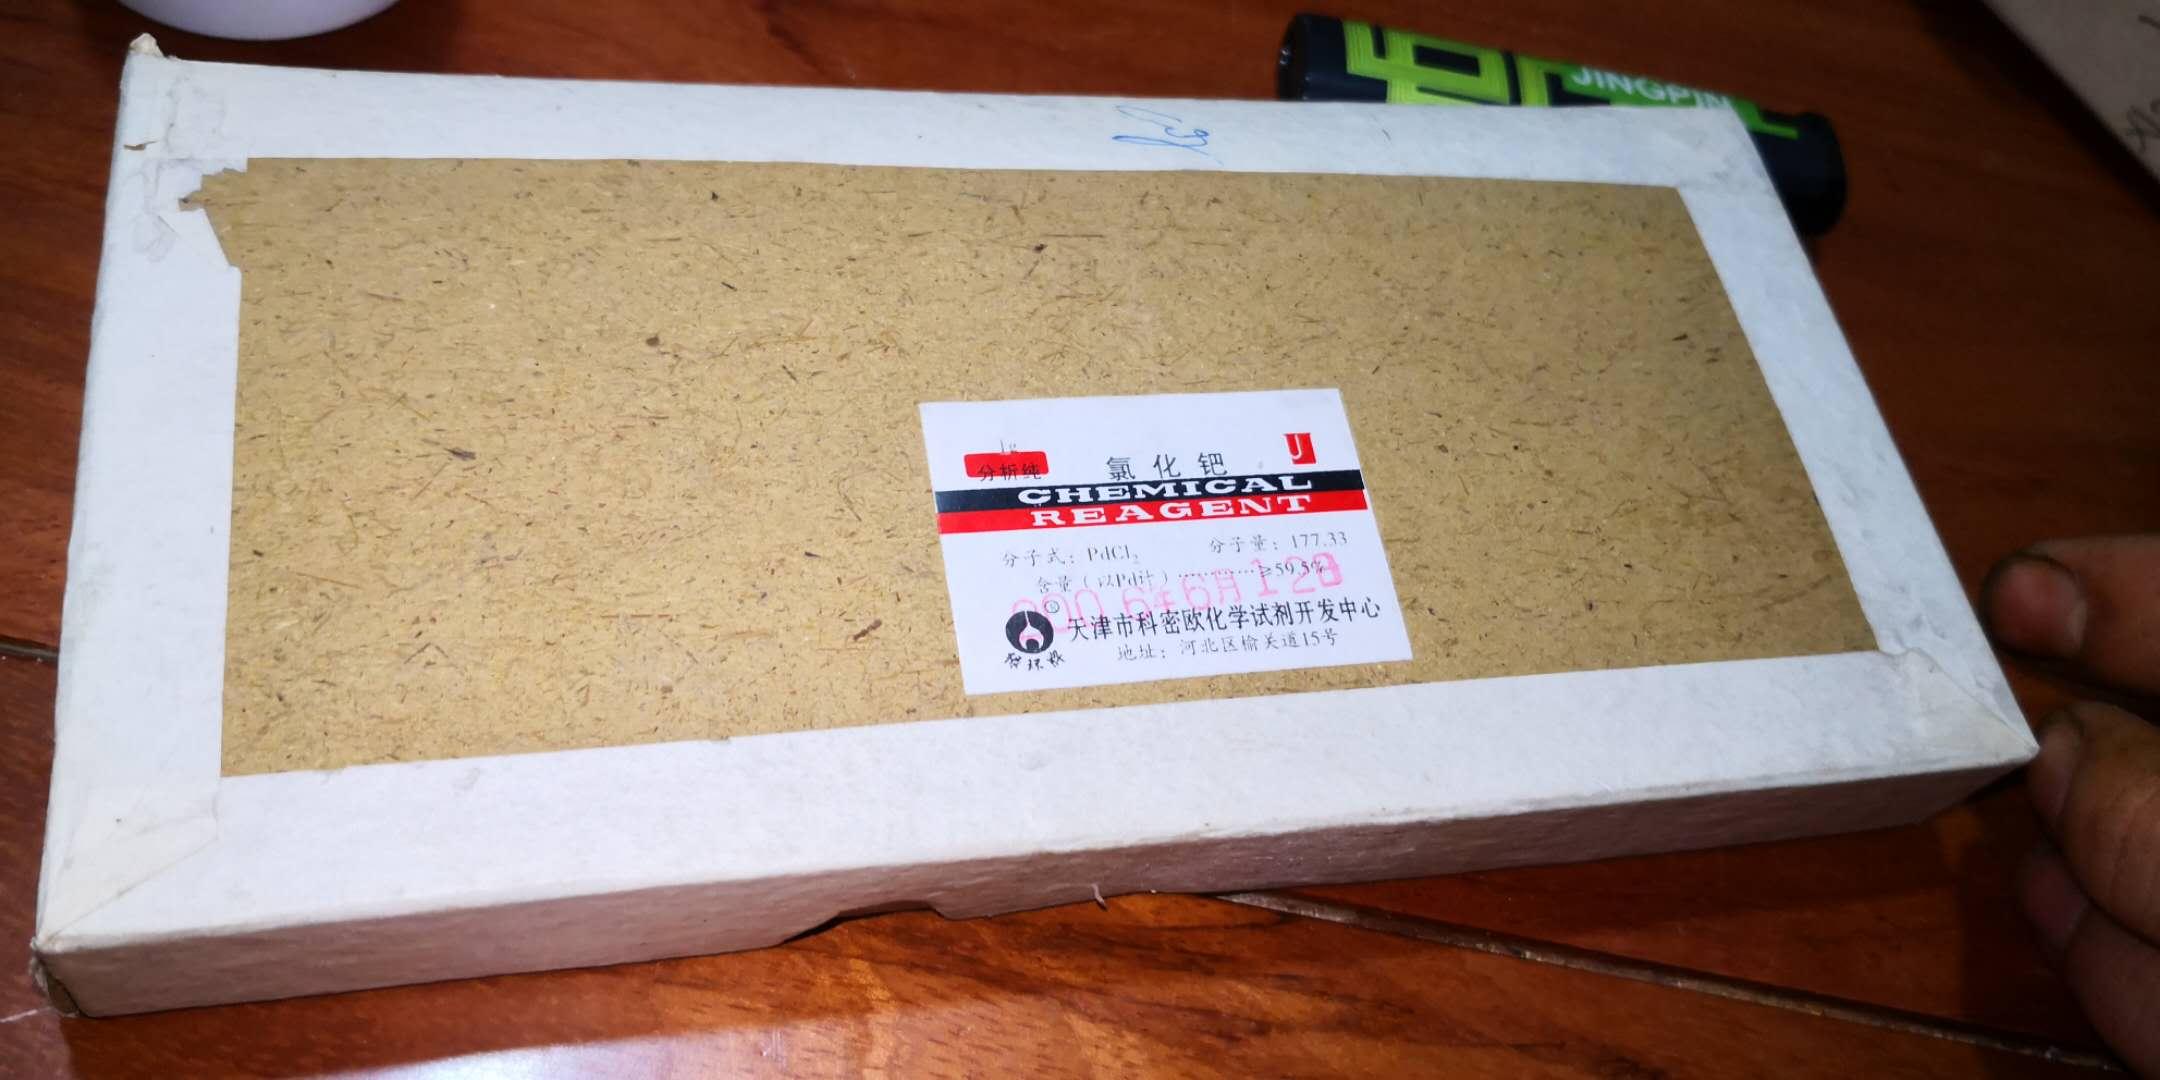 铂试剂回收-延边铂试剂回收-全国电子废铂回收-铂试剂回收收购哪里价格高